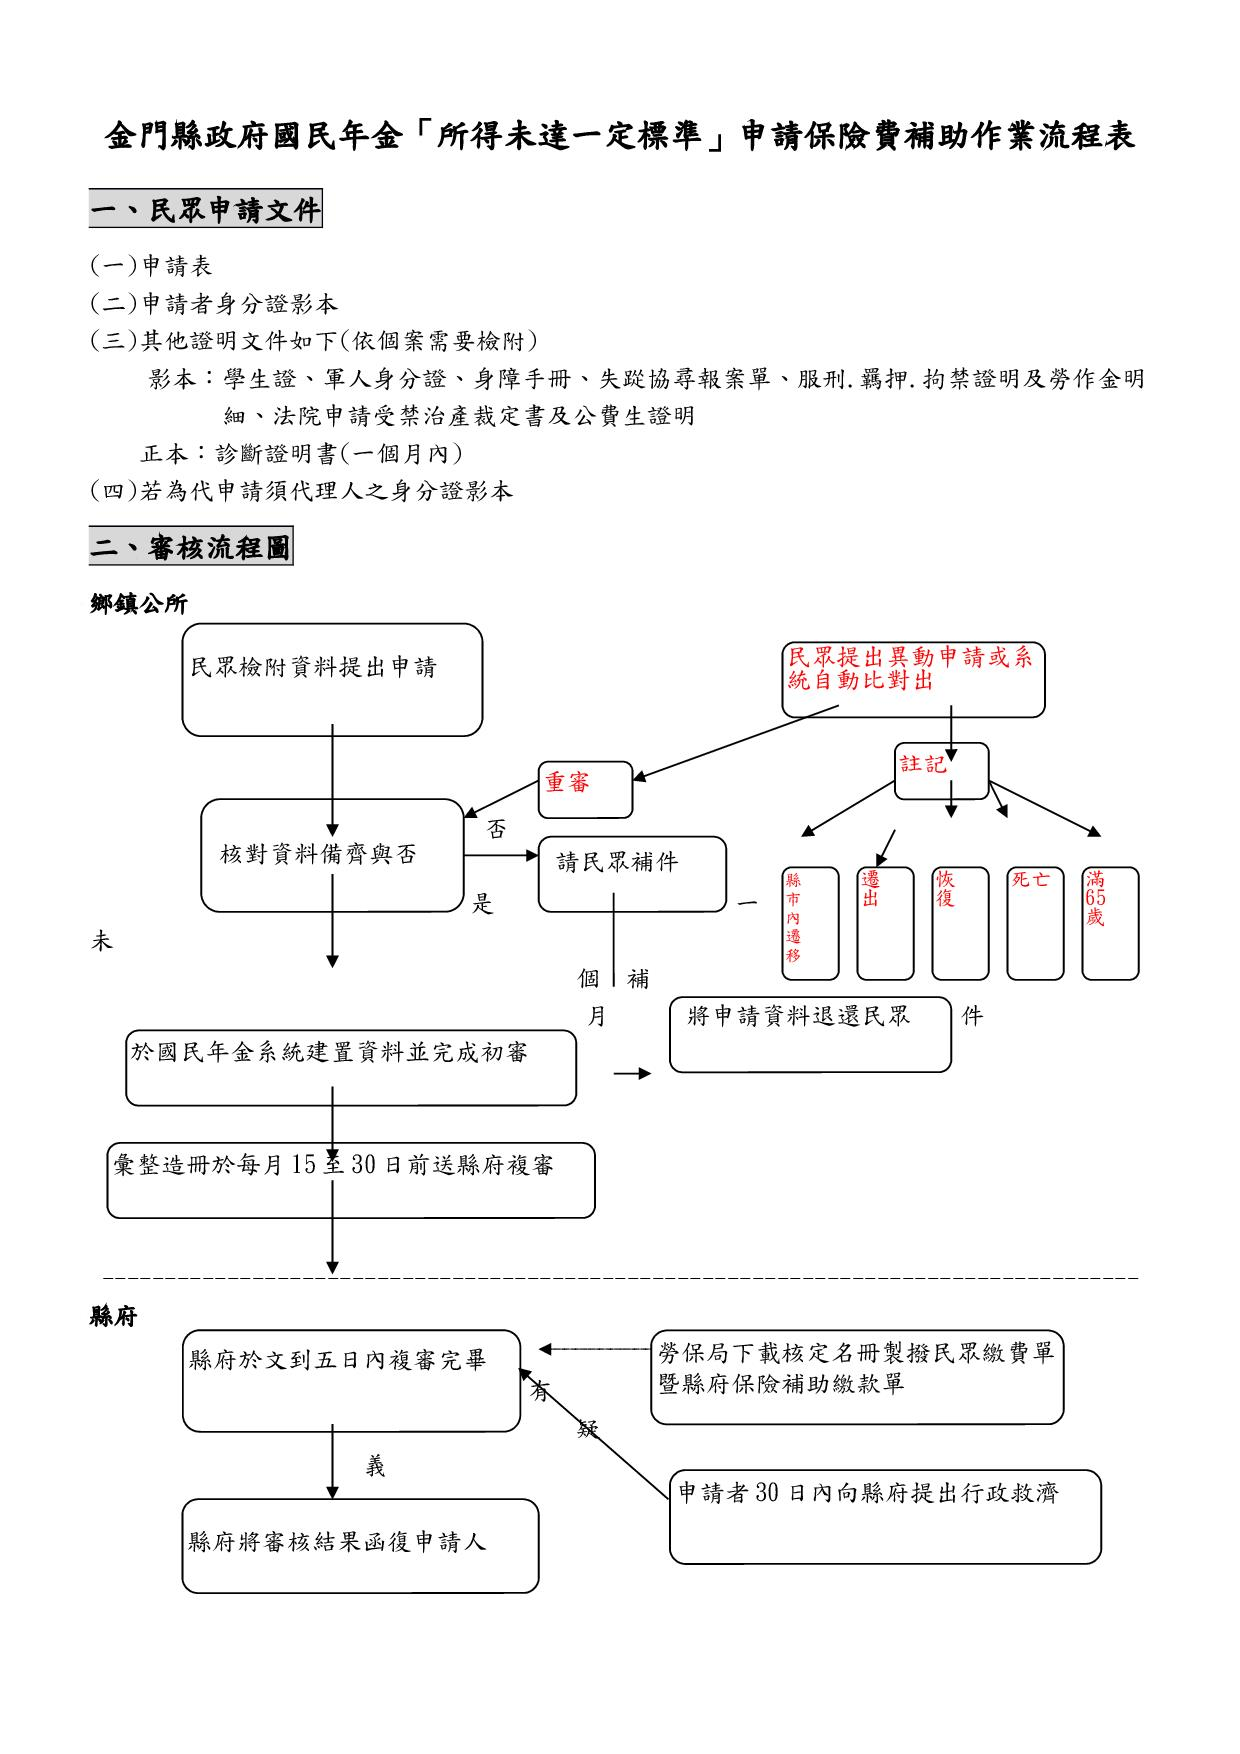 國民年金-申請流程表105版1